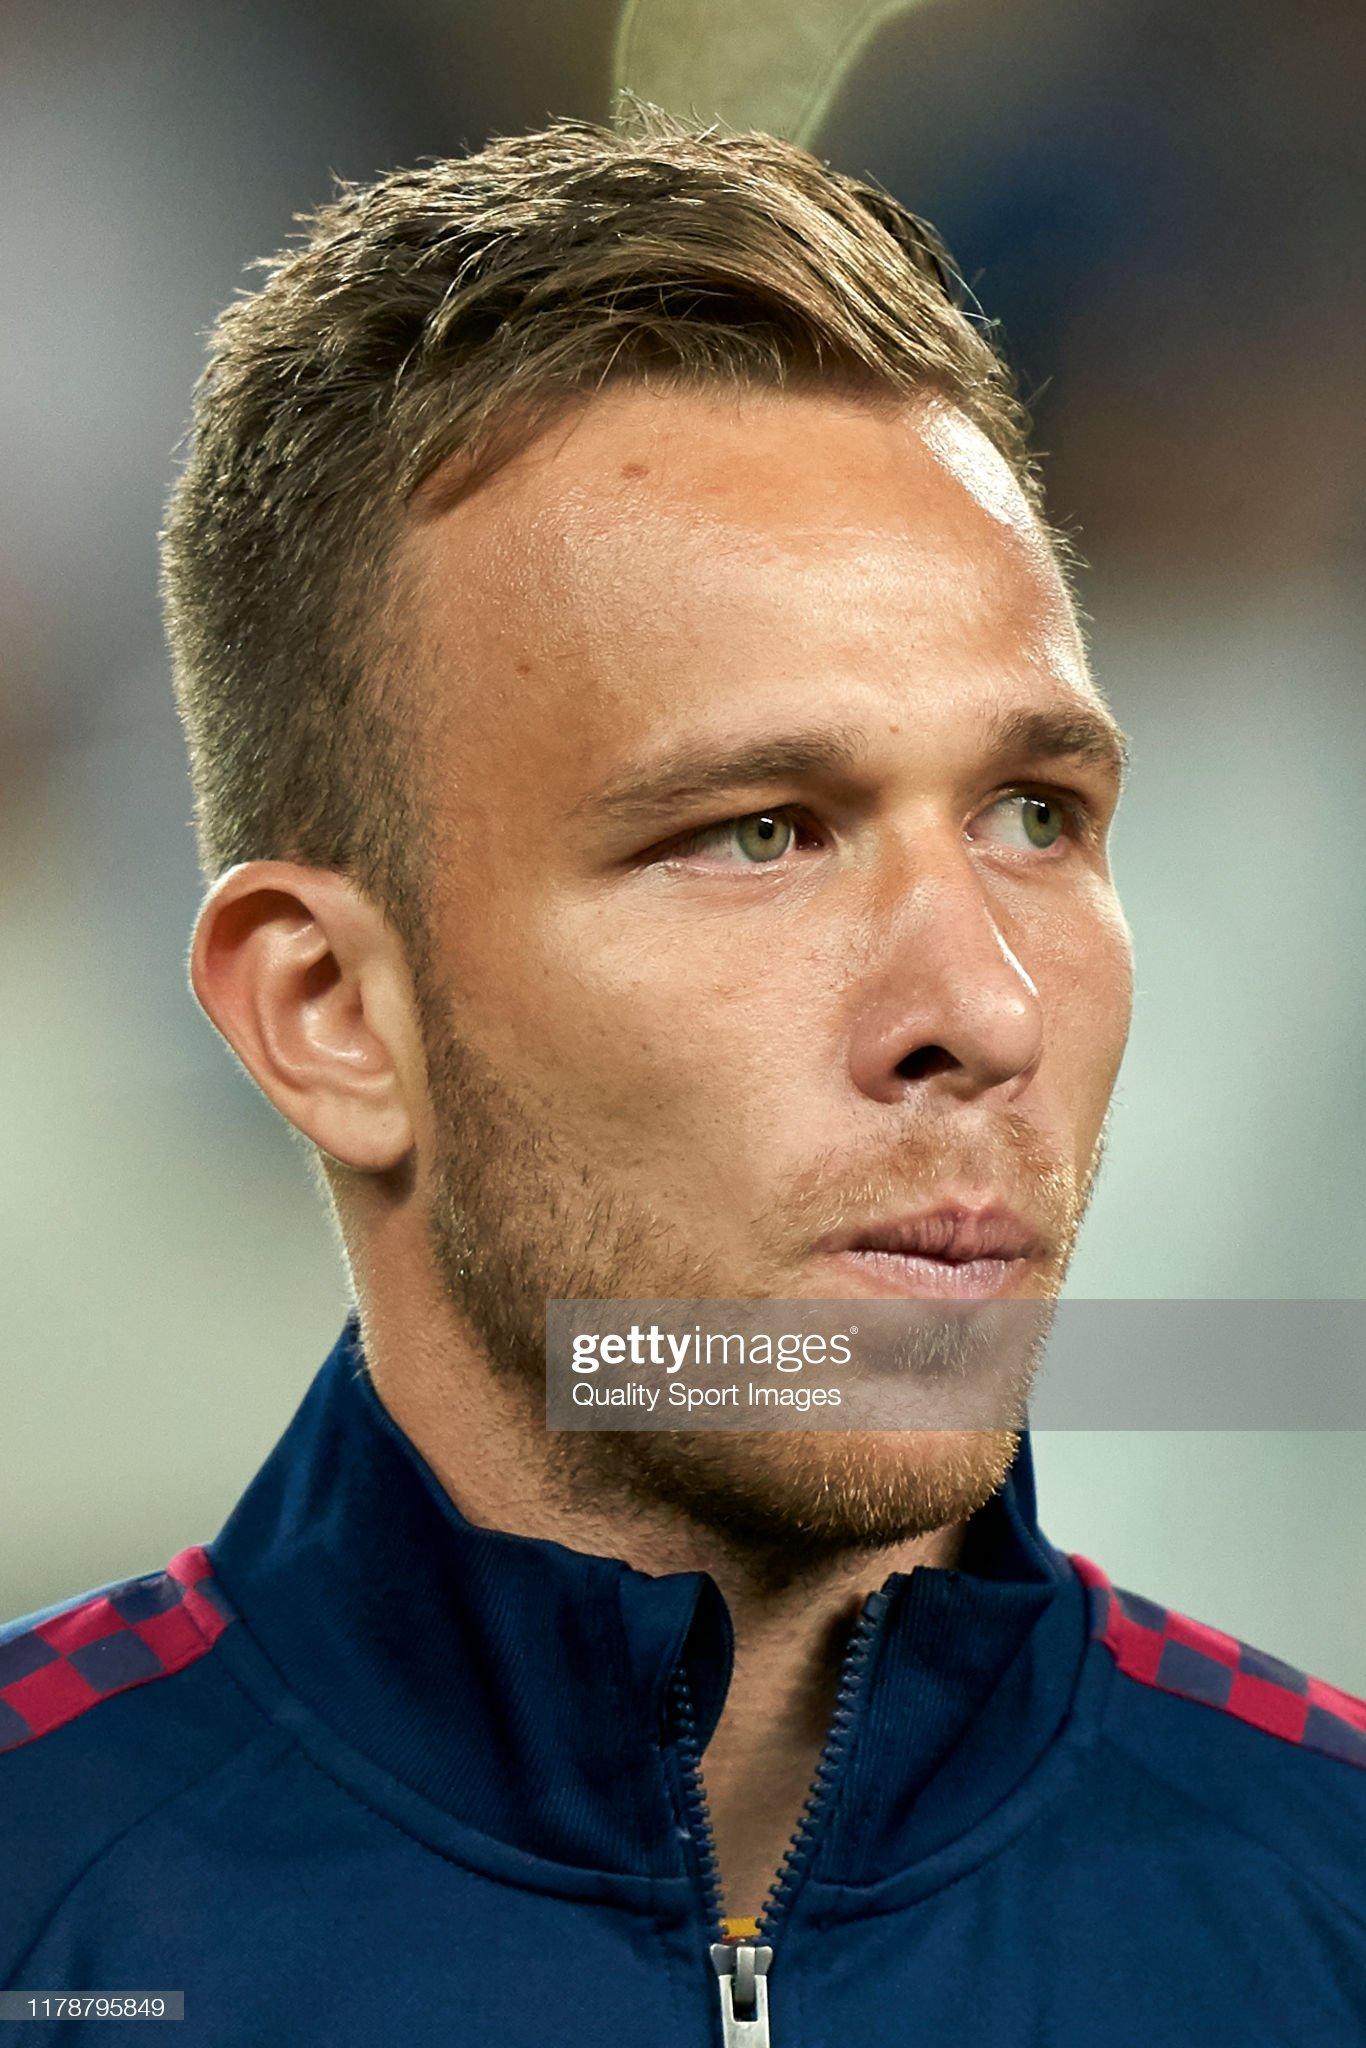 صور مباراة : برشلونة - إنتر 2-1 ( 02-10-2019 )  Arthur-of-fc-barcelona-looks-on-prior-to-the-uefa-champions-league-f-picture-id1178795849?s=2048x2048